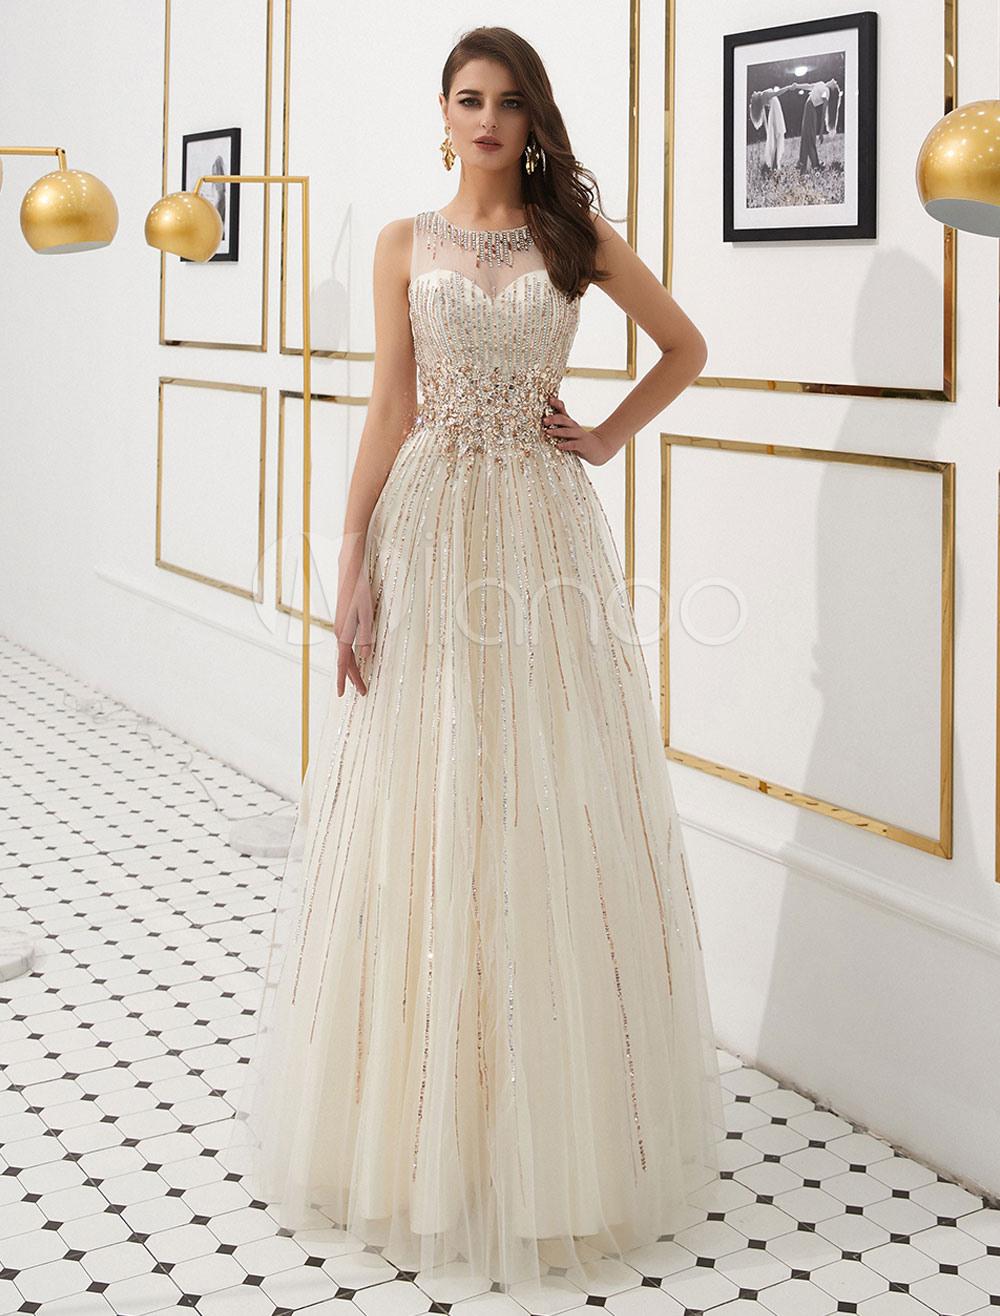 13 Spektakulär Maxi Abend Kleid Ärmel13 Großartig Maxi Abend Kleid Design